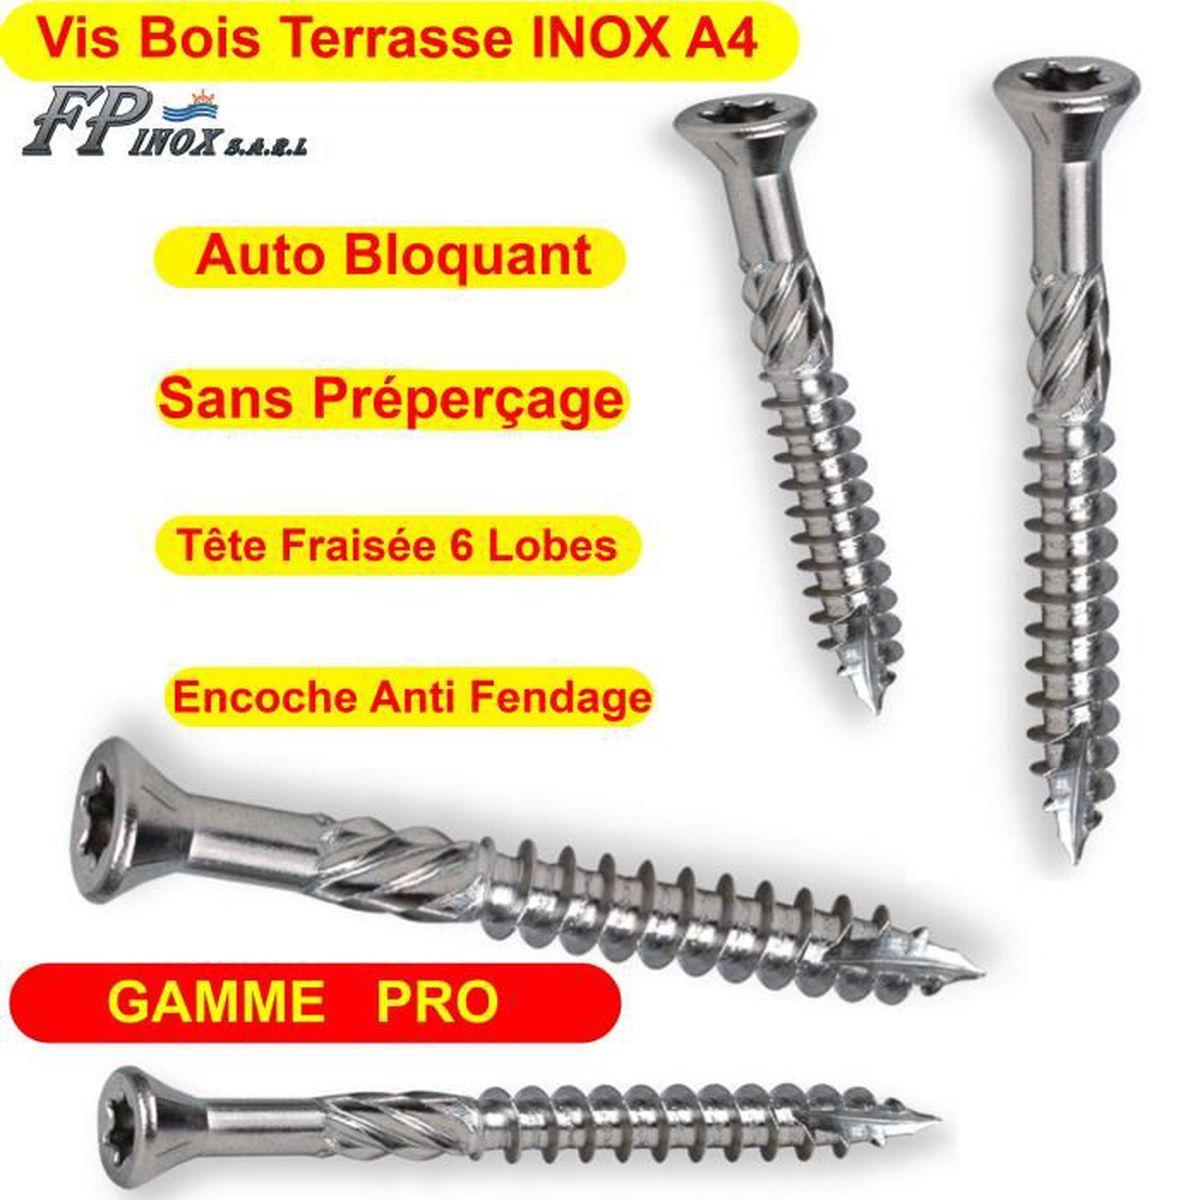 5x60 Lot 200 Vis Terrasses INOX A4 Bois Dur Exotique GAMME PRO 5x60 5x70 Piscine